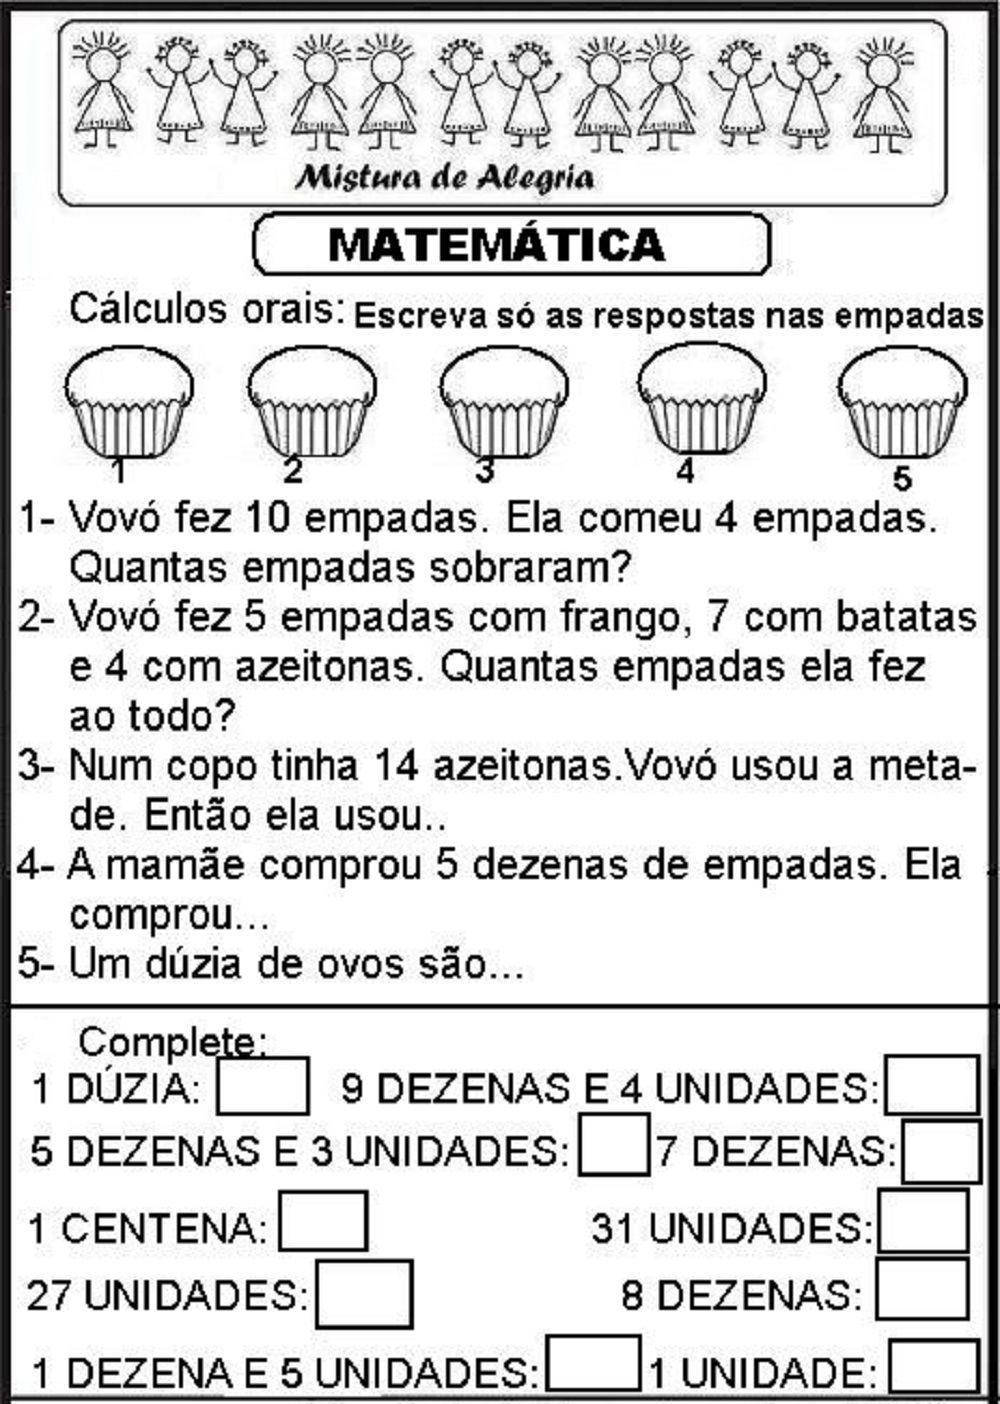 Resultado De Imagem Para Matematica Mistura De Alegria Com